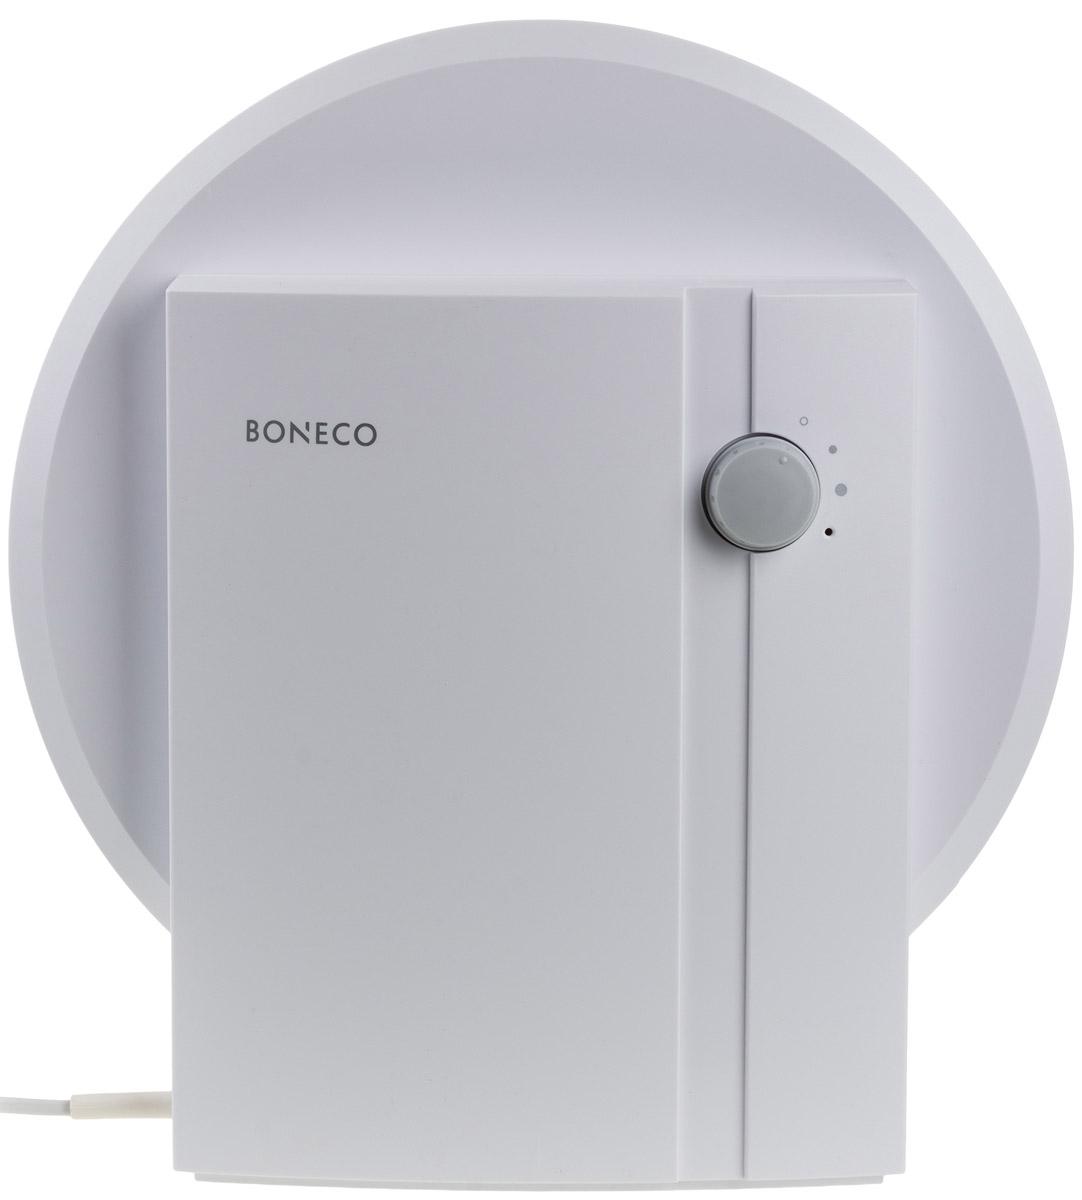 Boneco W1355A мойка воздуха увлажнитель и очиститель воздуха boneco w1355a w1355a